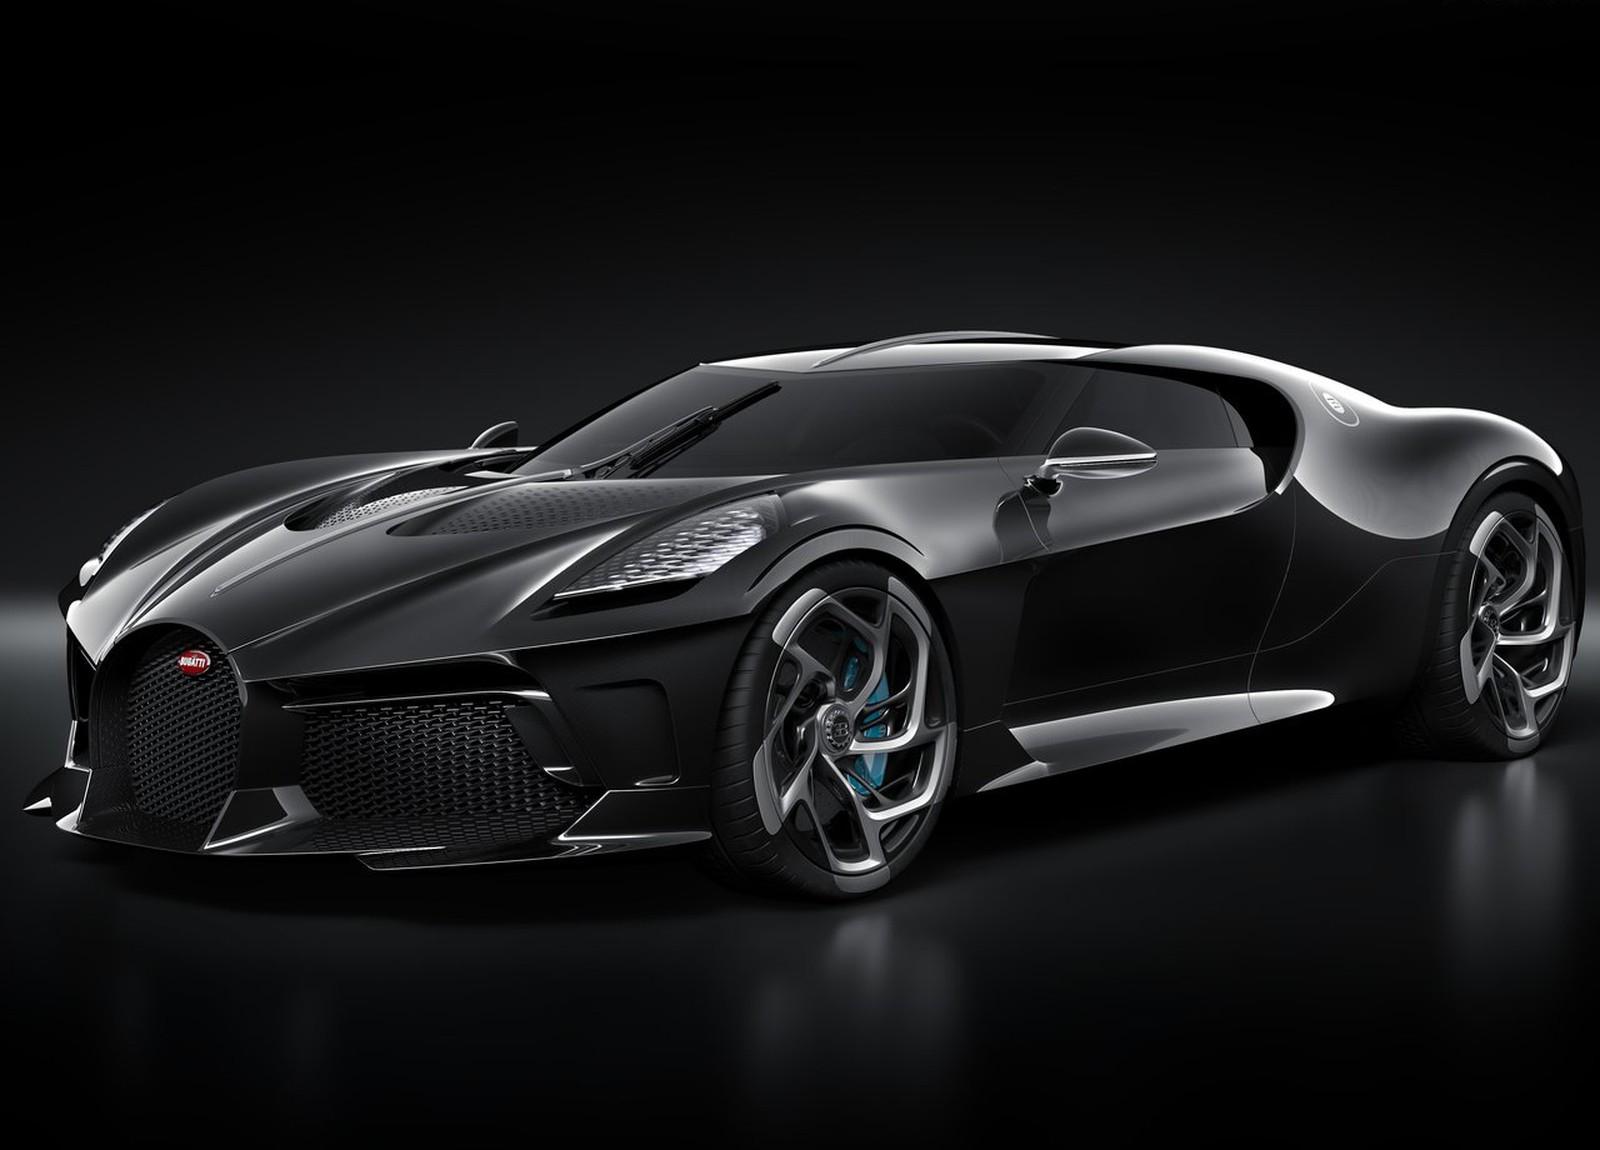 Bugatti La Voiture Noire, de R$ 47 milhões, é o carro novo mais caro de todos os tempos